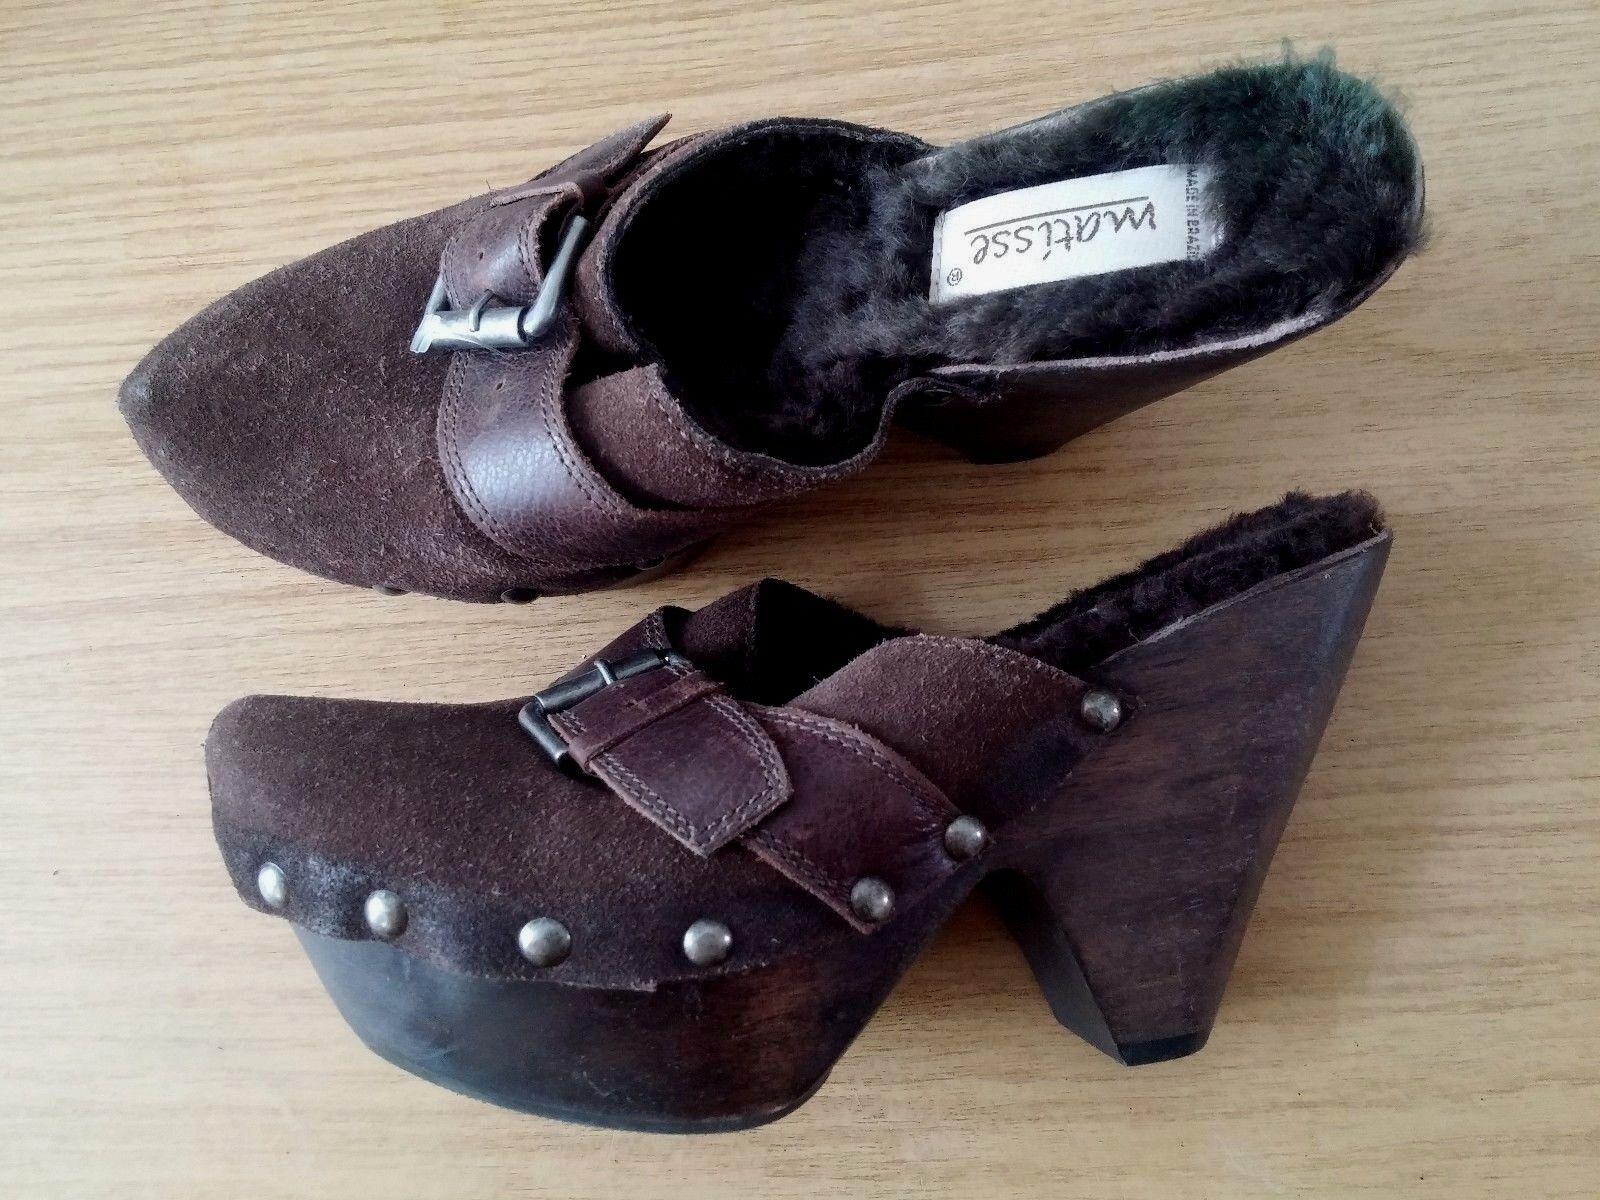 Damen Schuhe Sandalen braun MATISSE Gr 41 braun Sandalen Leder Fell Holz b80318